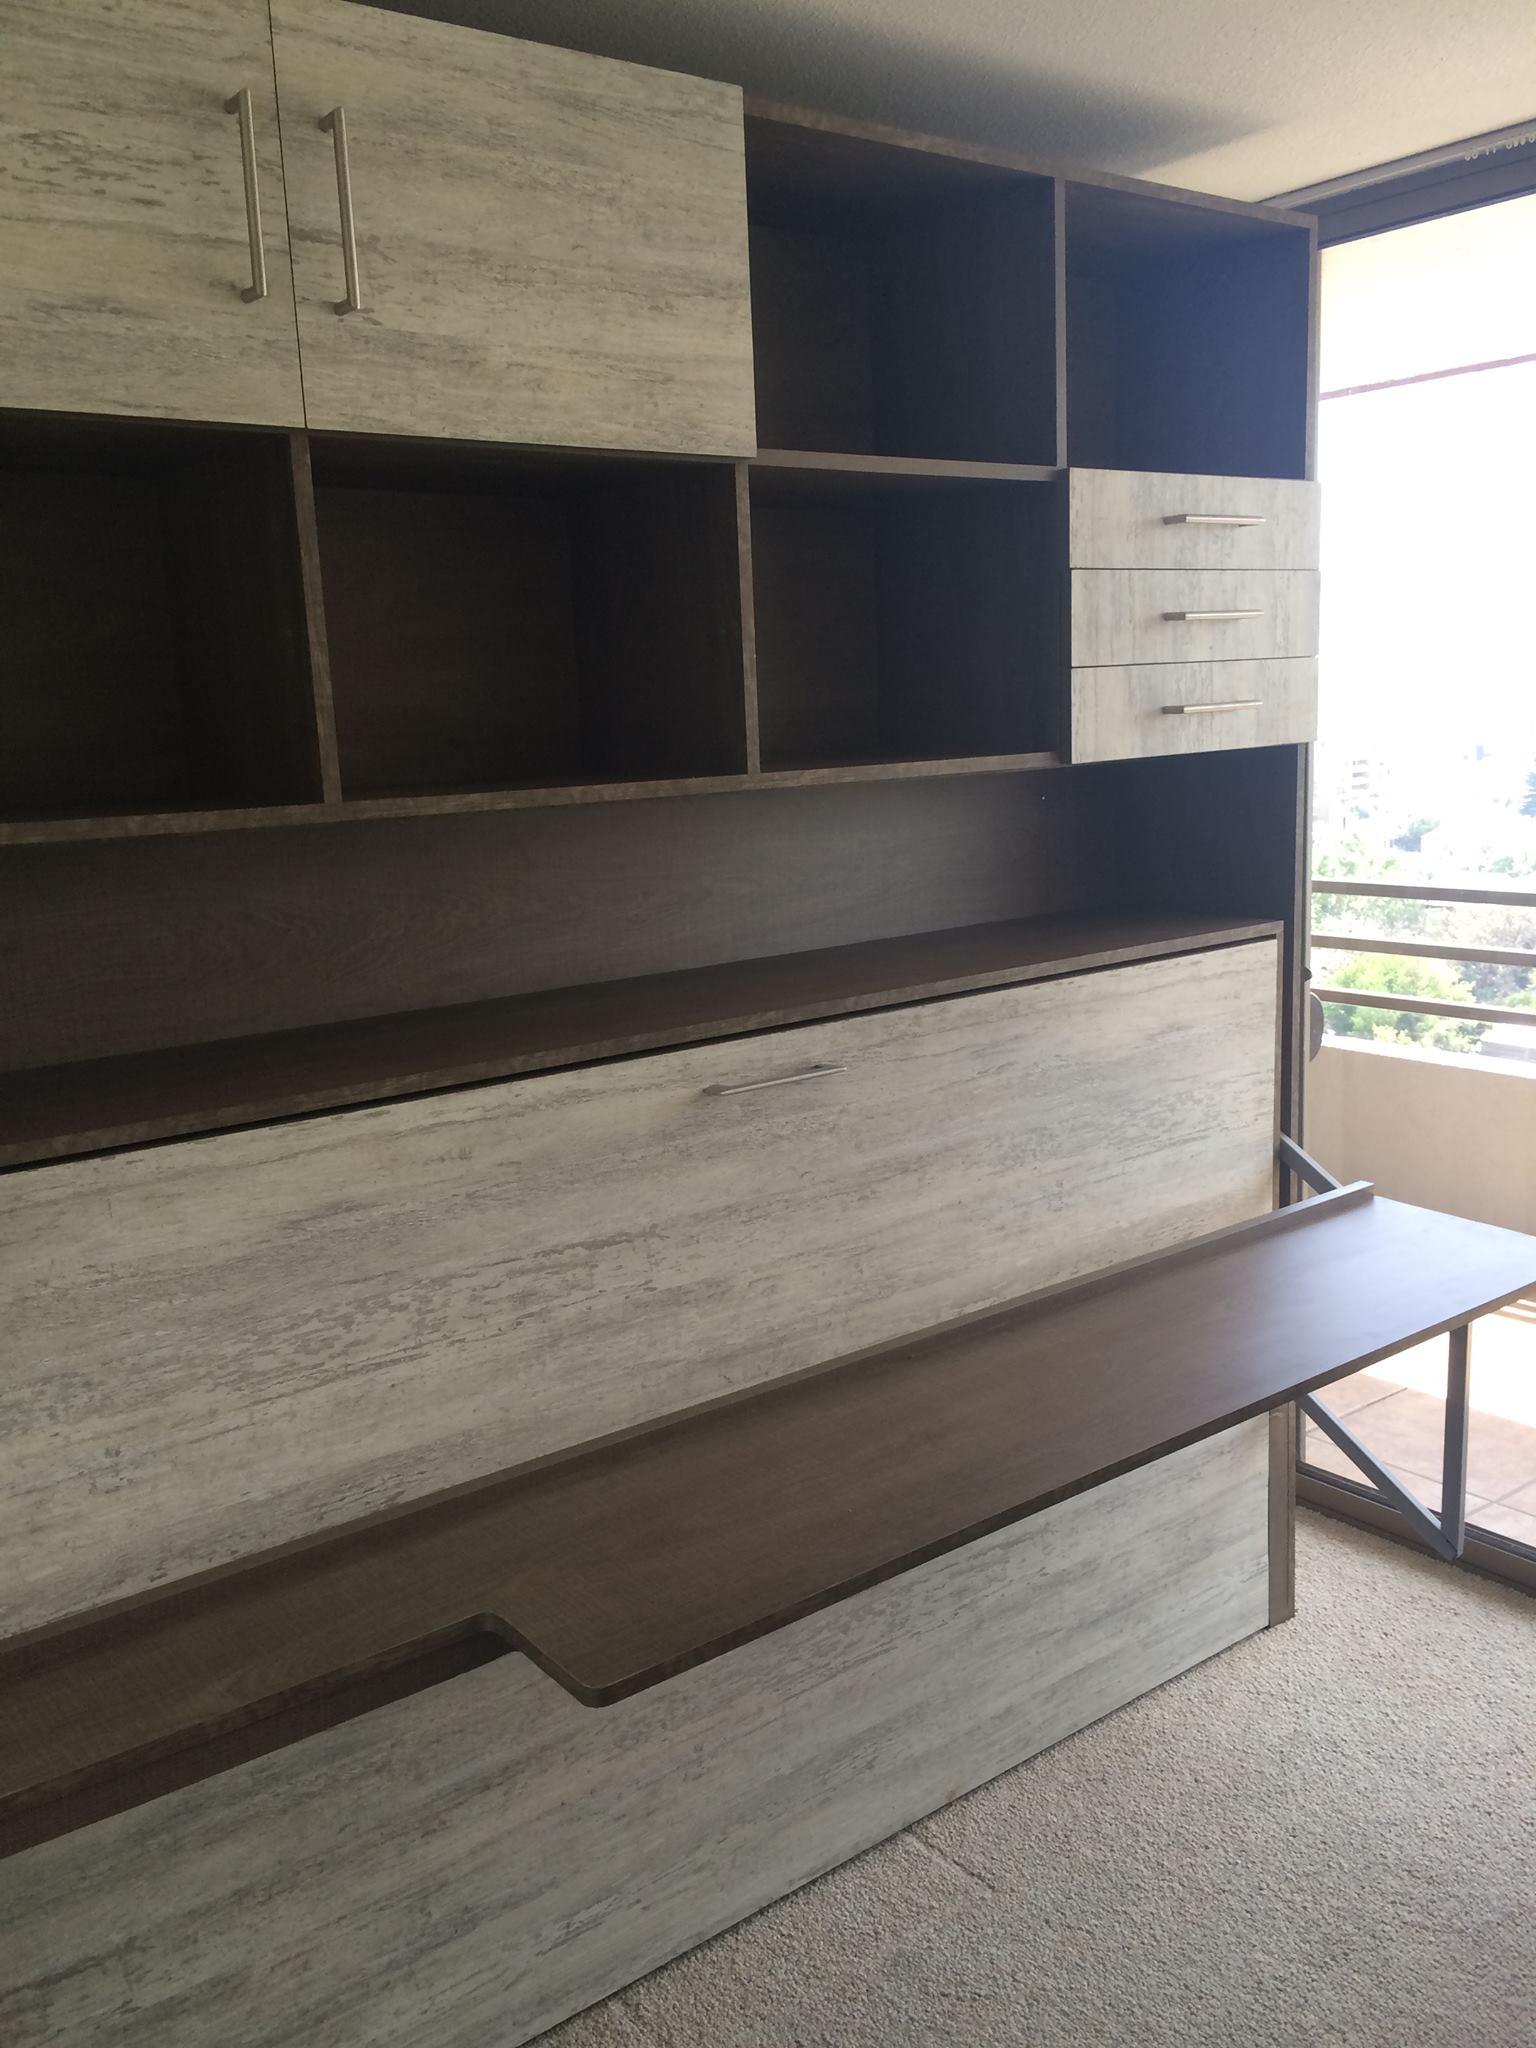 Kamasypetacas_camasplegables_dormitorio (610)